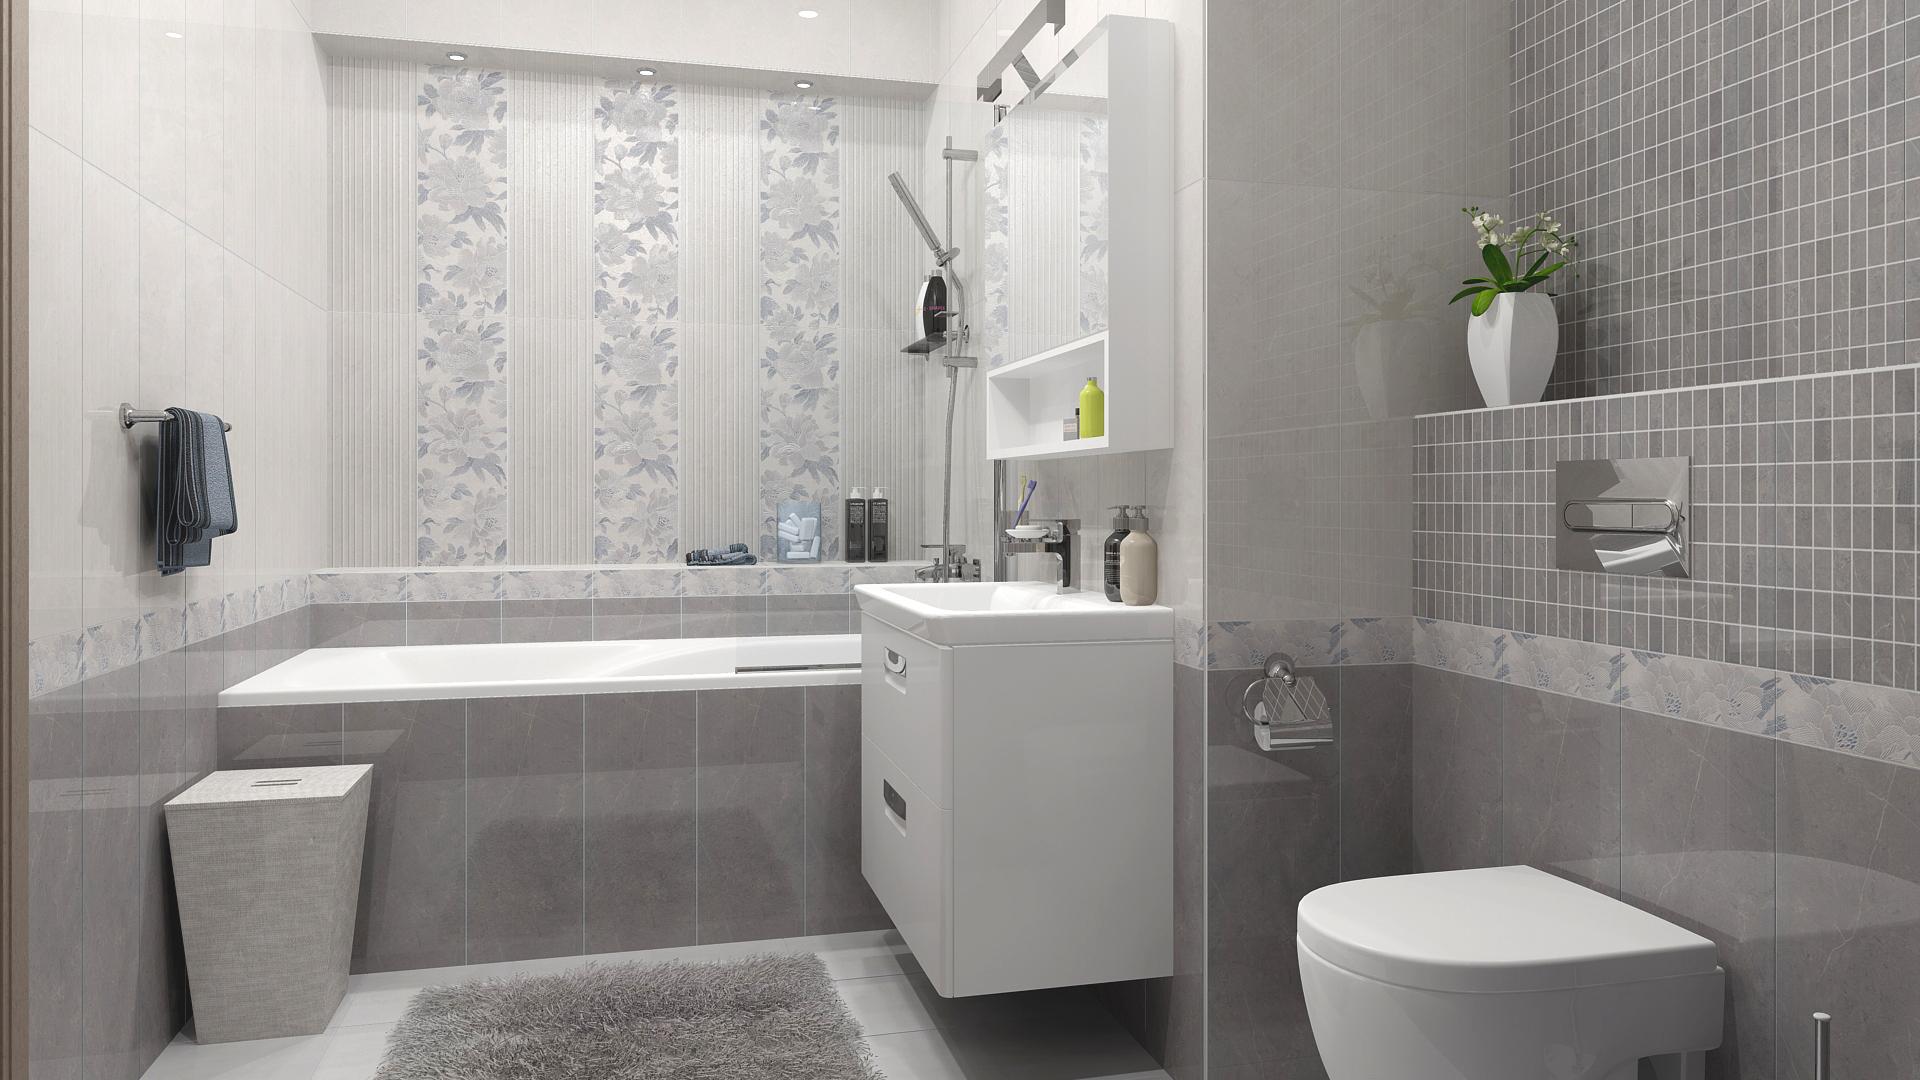 керамическая плитка для ванной купить в спб